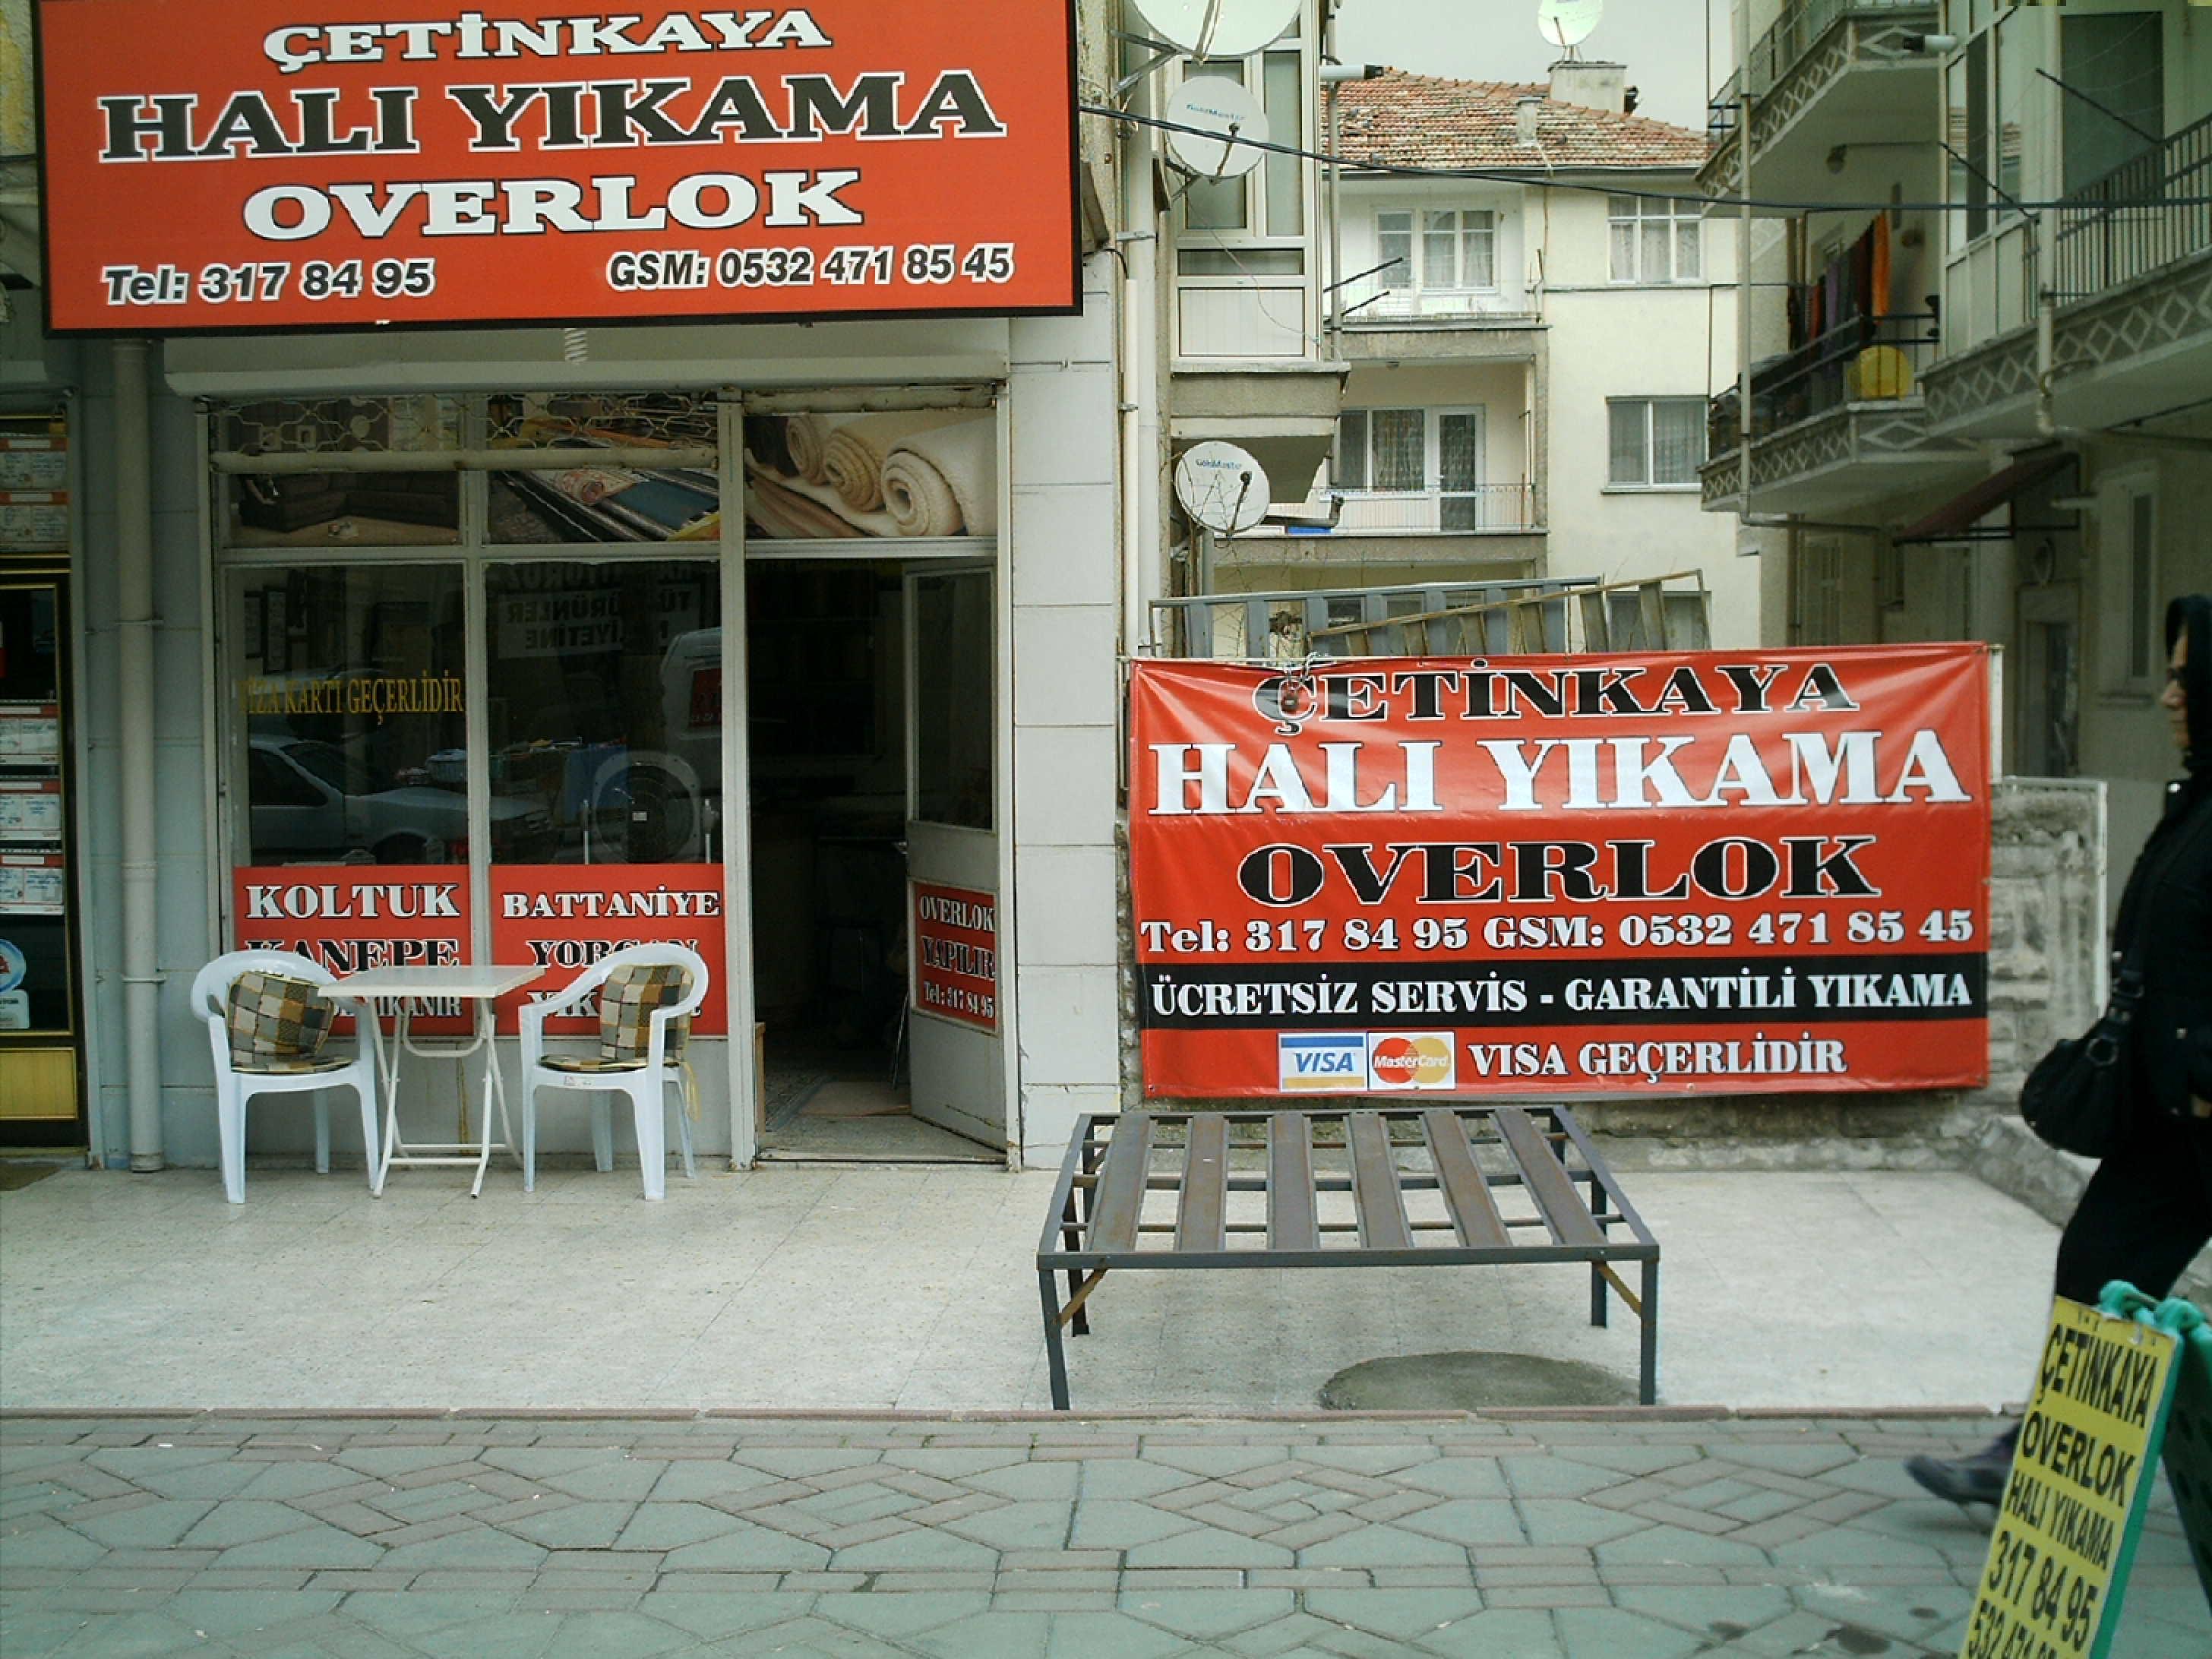 tepebaşı_hali_yikama